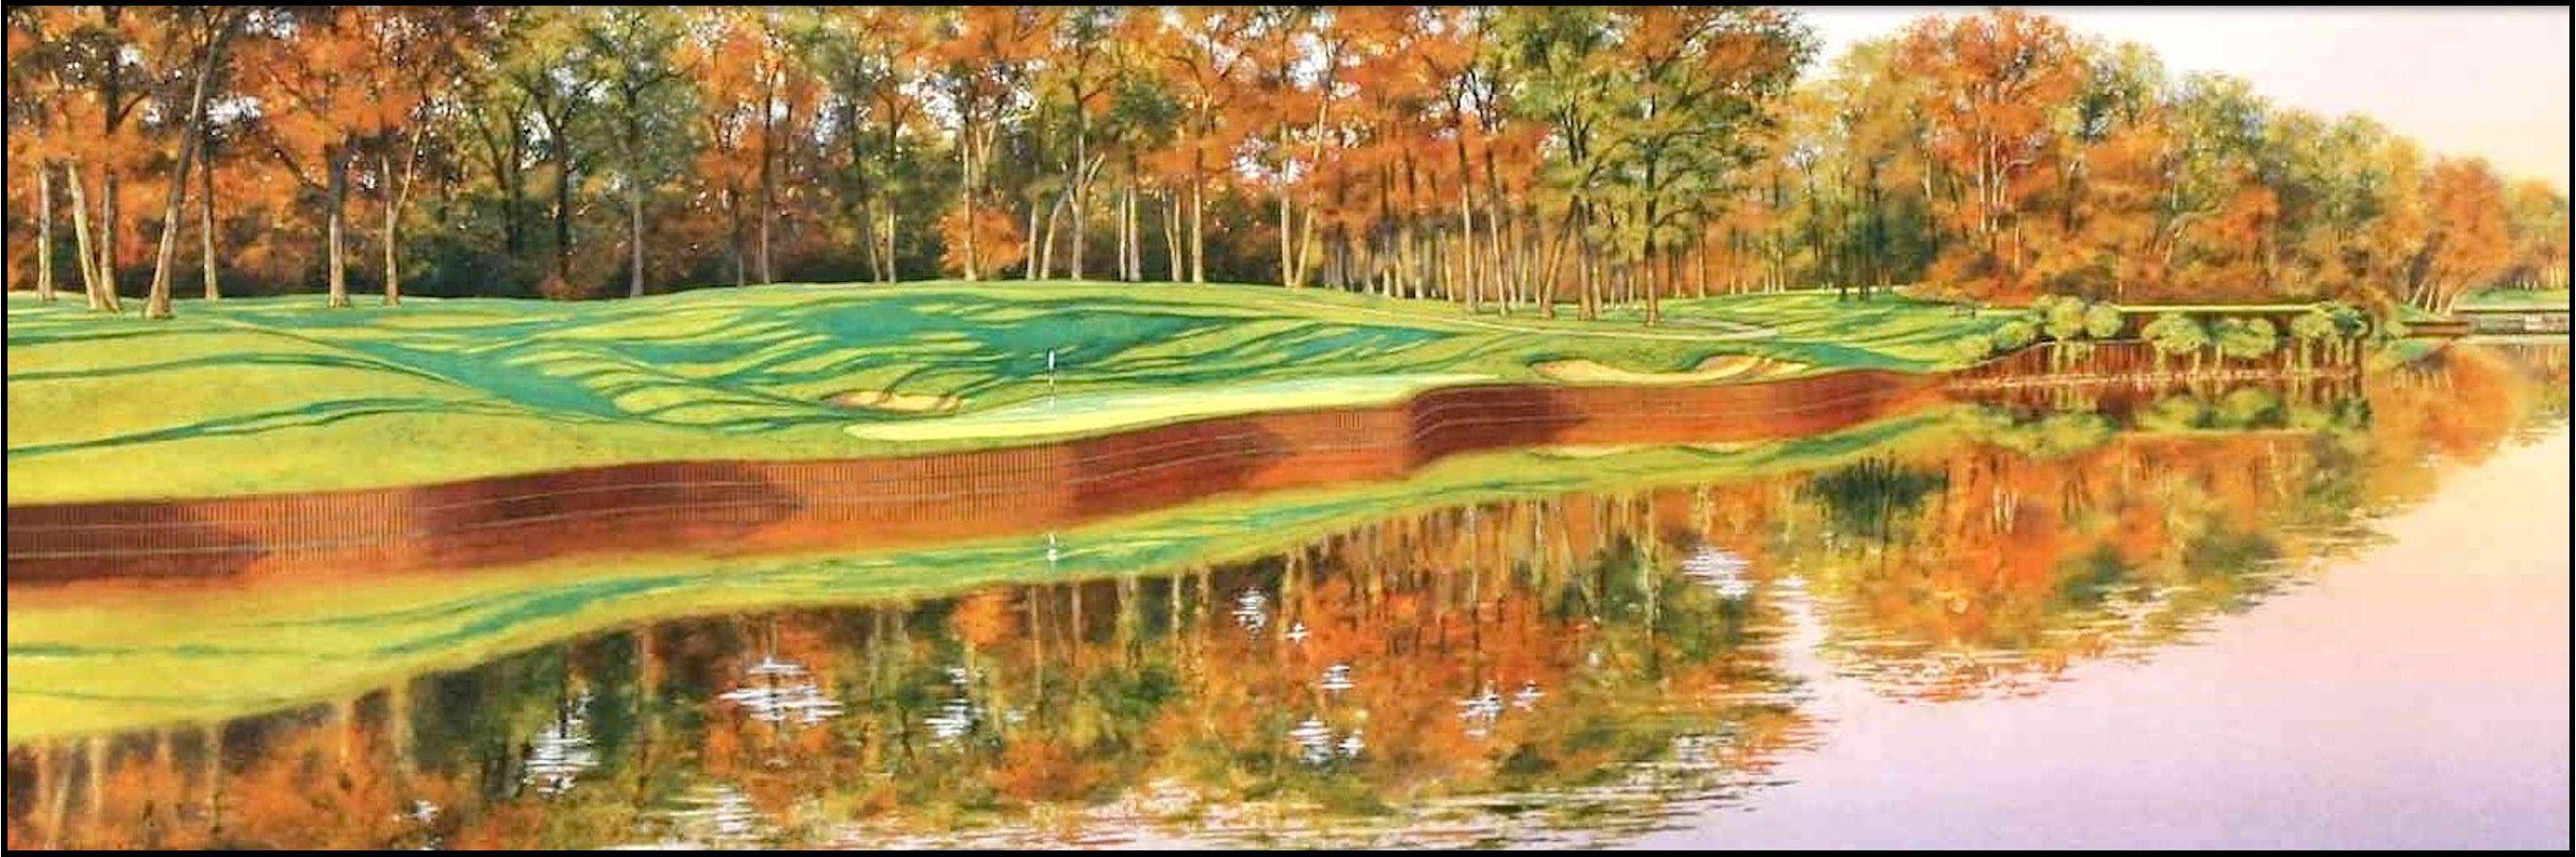 fine golf art by steve lotus